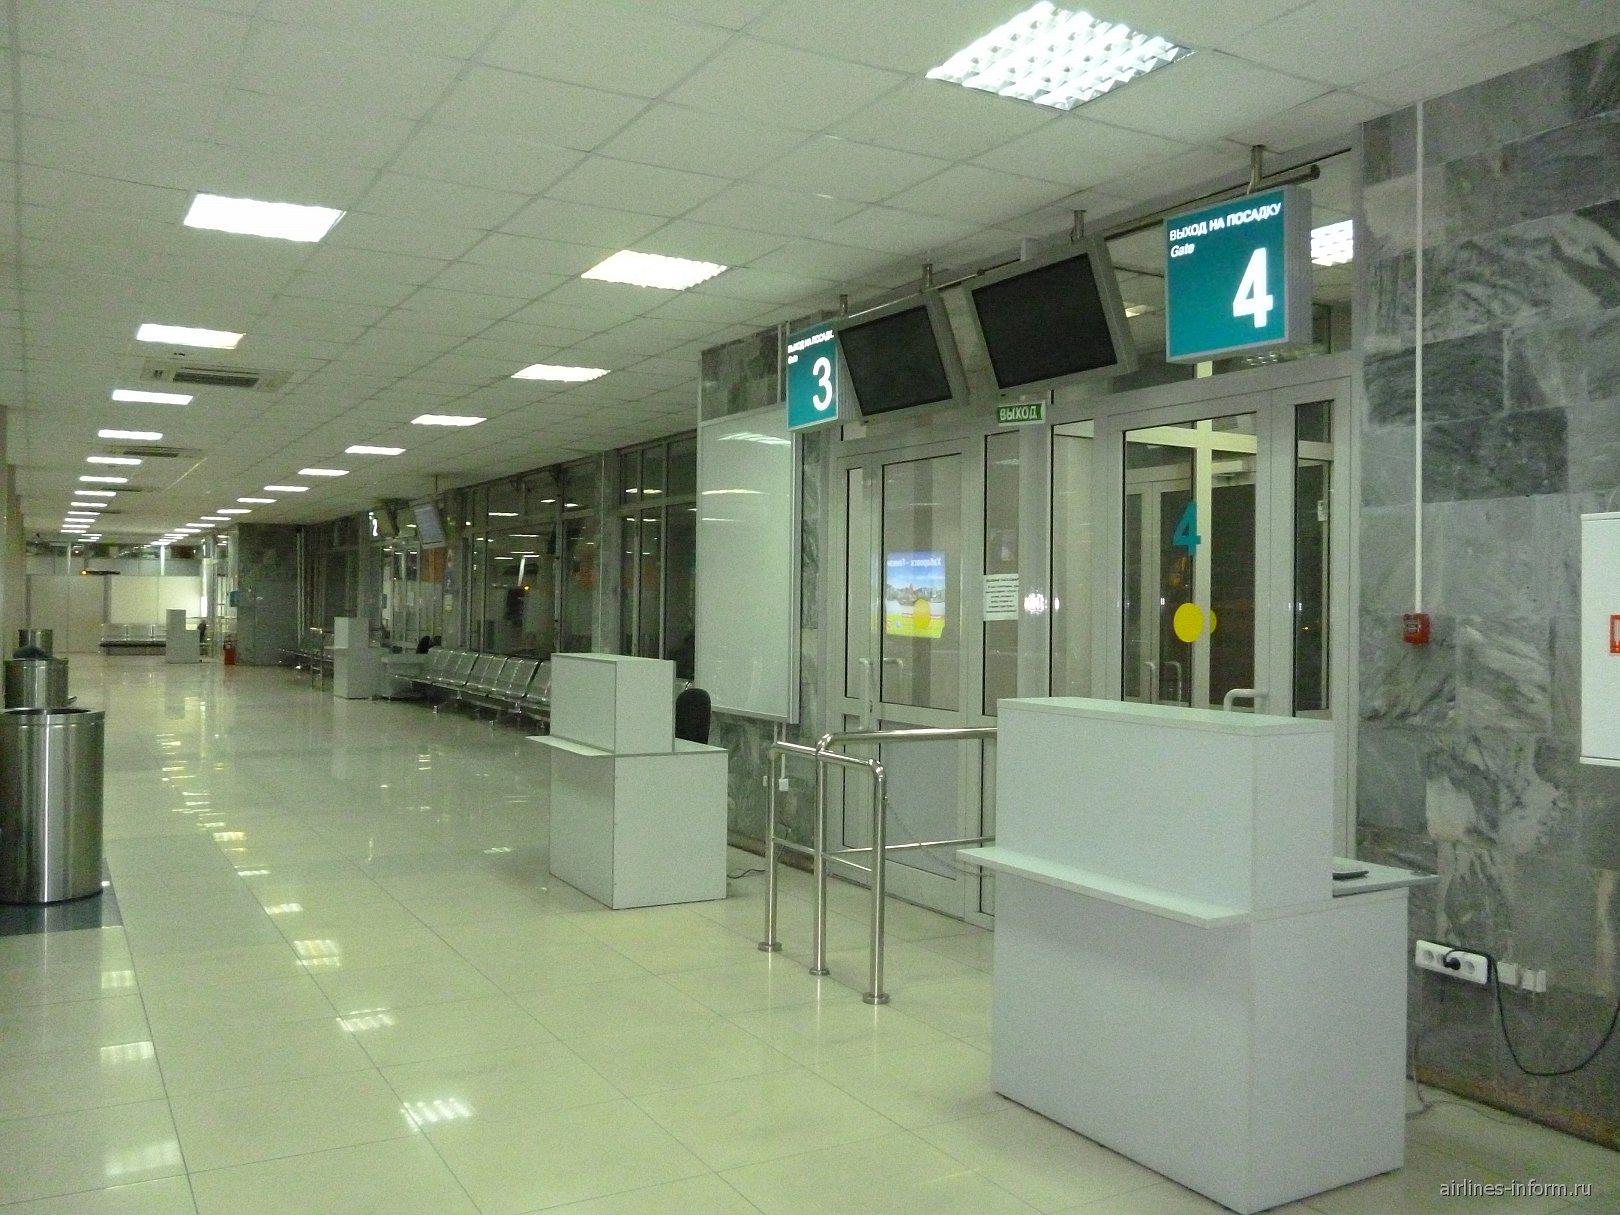 Выходы на посадку на первом этаже аэропорта Хабаровск